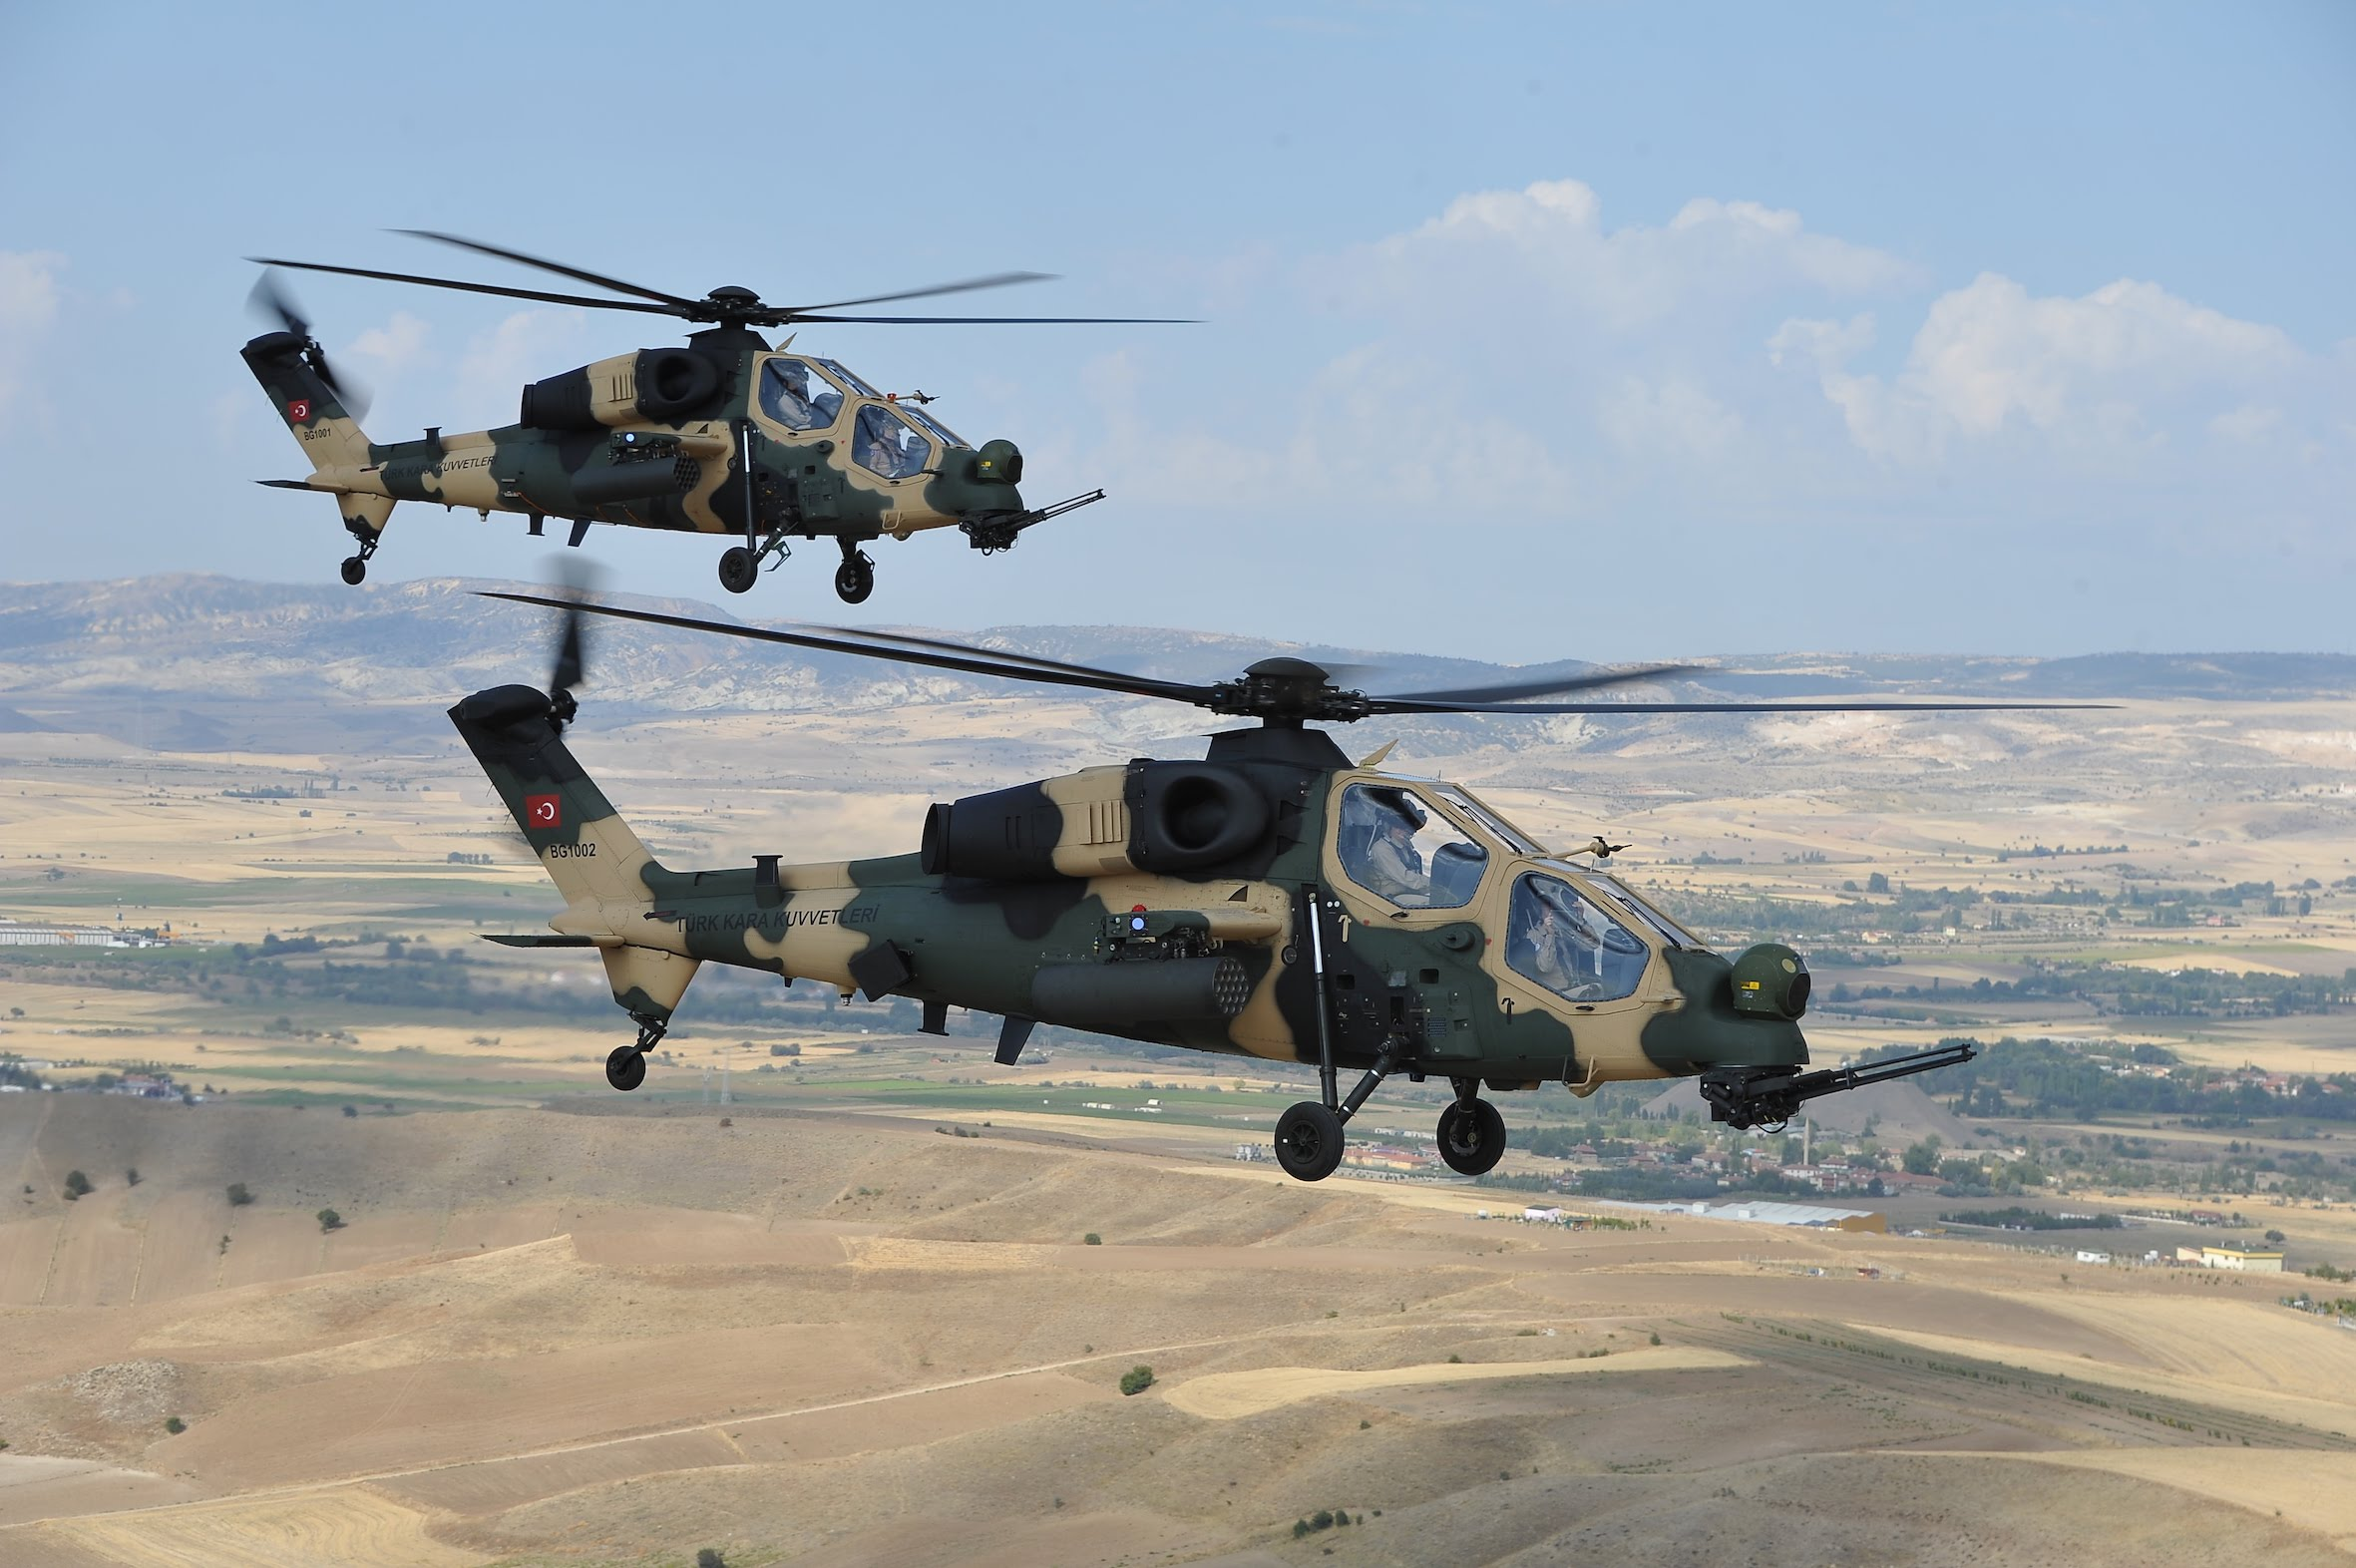 الطائرات التركية تلقى اهتماما كبيرا في معرض تايلاند للصناعات الدفاعية Maxresdefault_42